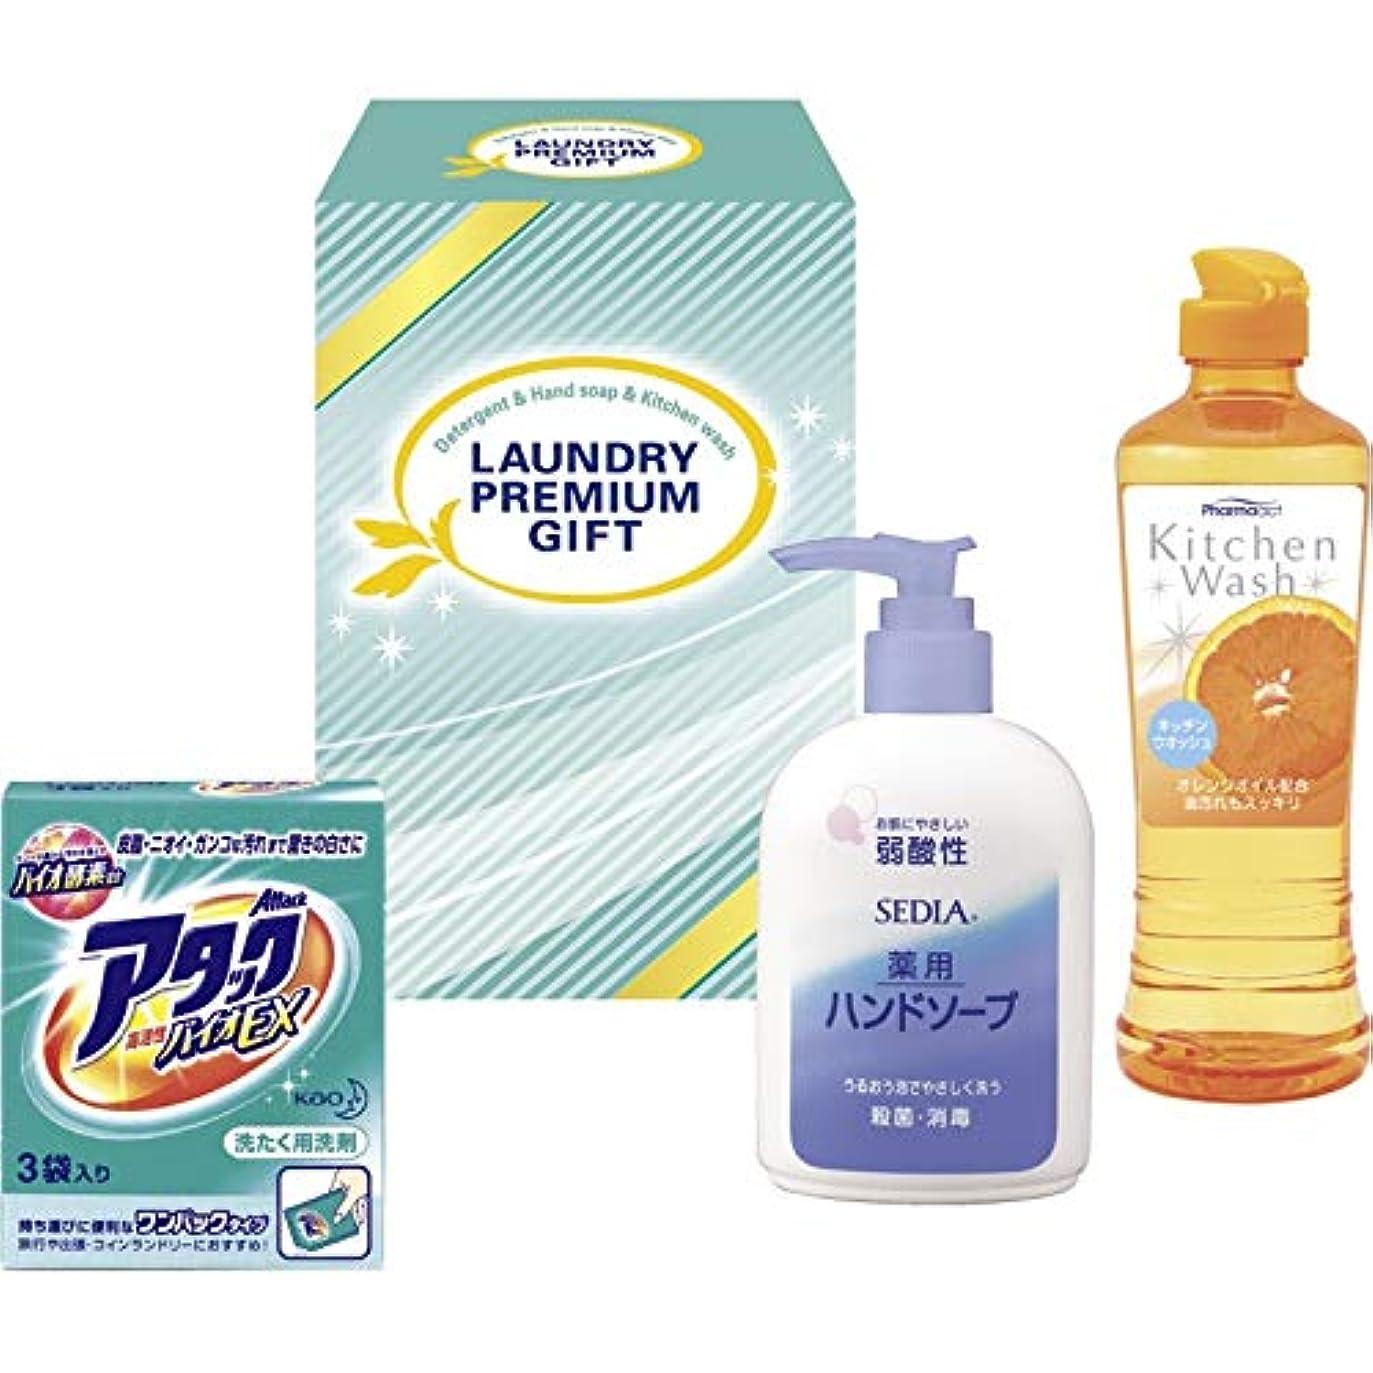 成熟したアベニュー援助する洗剤プレミアムギフト NO.183 【洗剤 ハンドソープ 食器用洗剤 台所 かわいい 洗面所 水回り 】